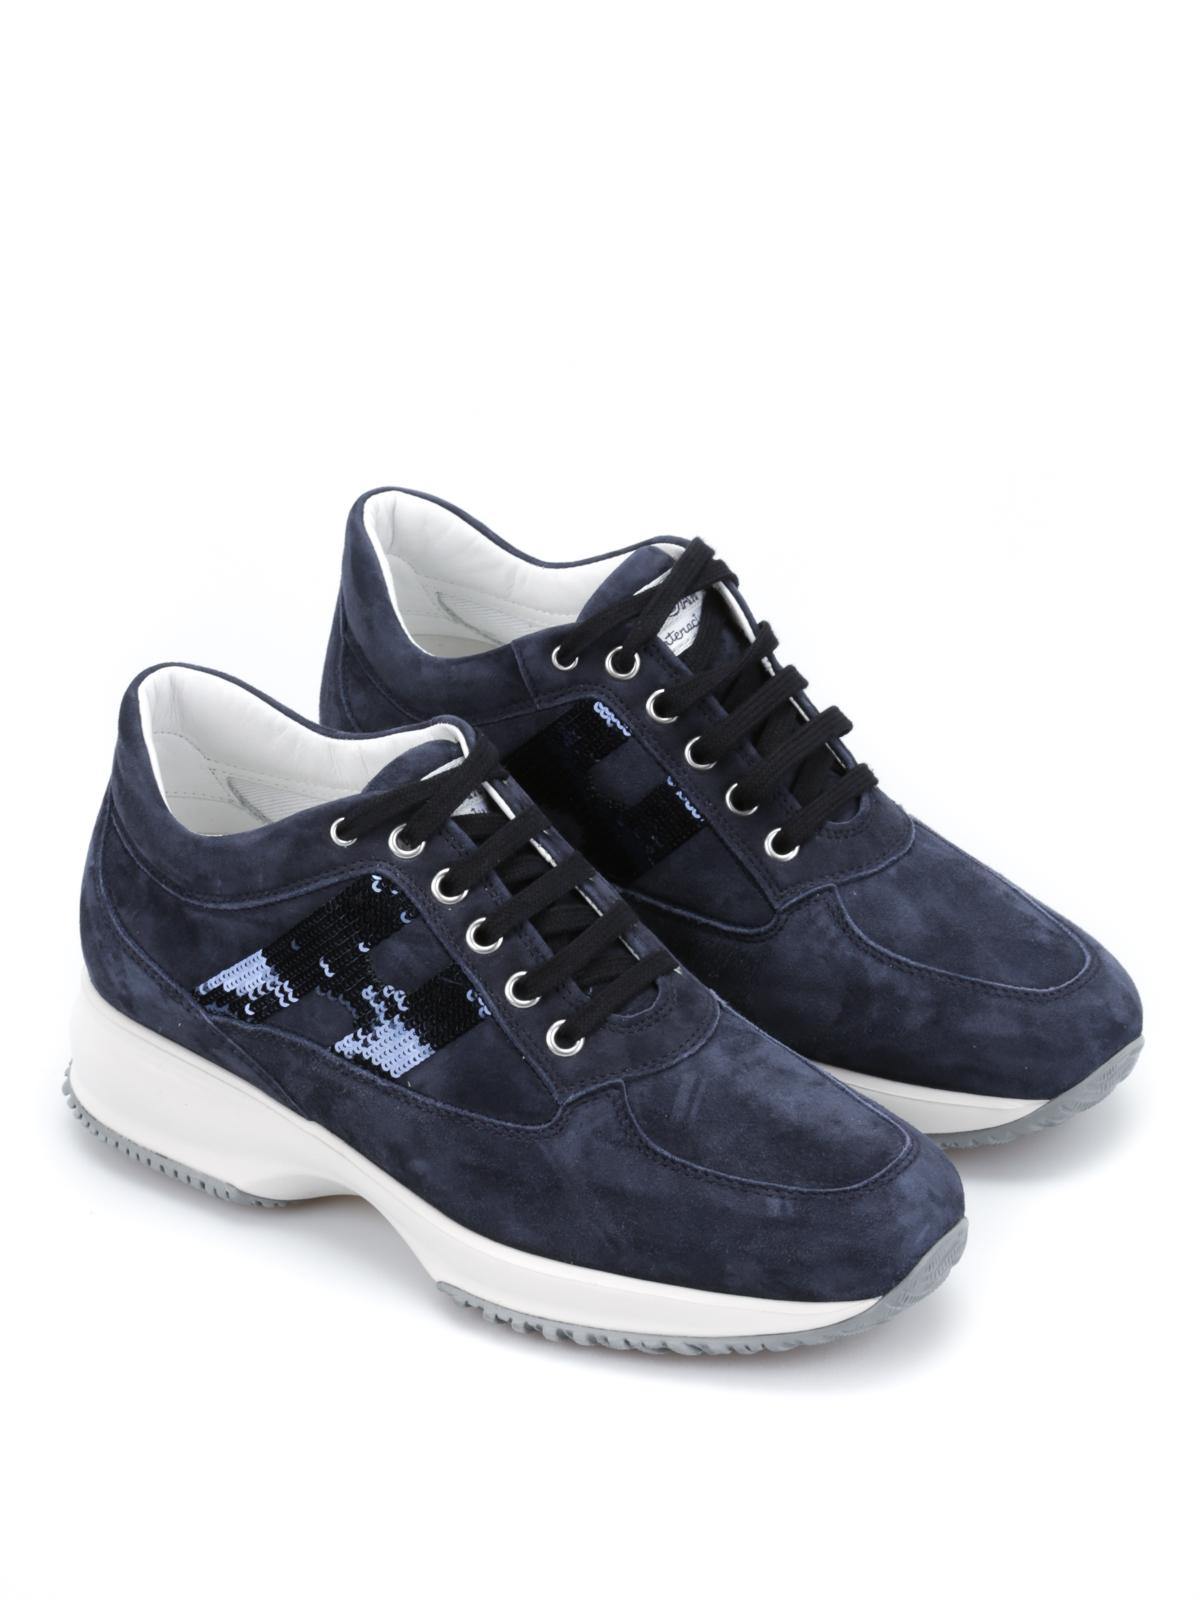 Chaussures De Sport Bleu Interactif Hogan qz5QV